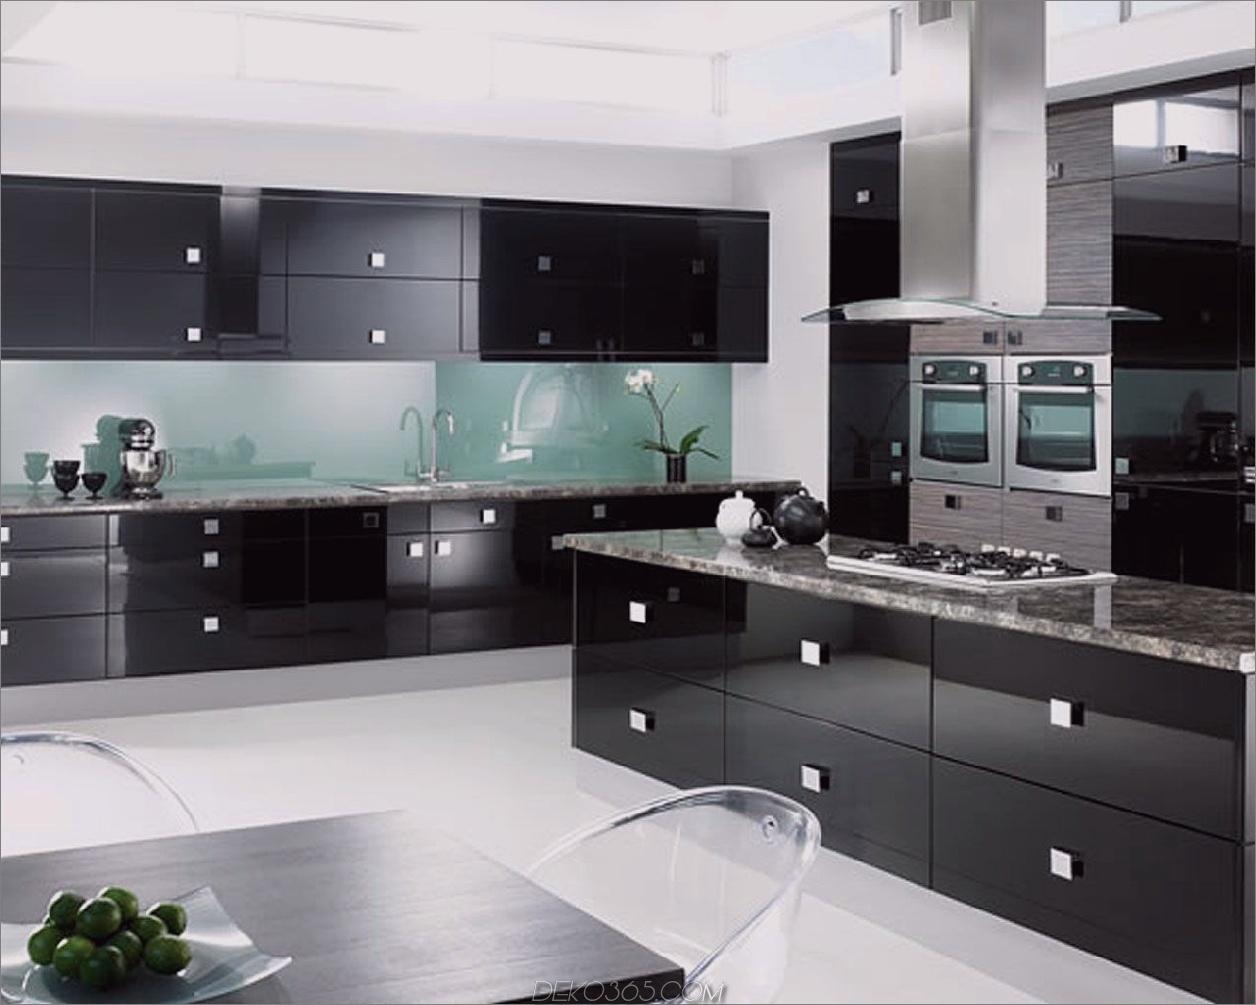 Steela Akzente und schwarze schwarze Küchenschrank-Ideen für den Chic Cook